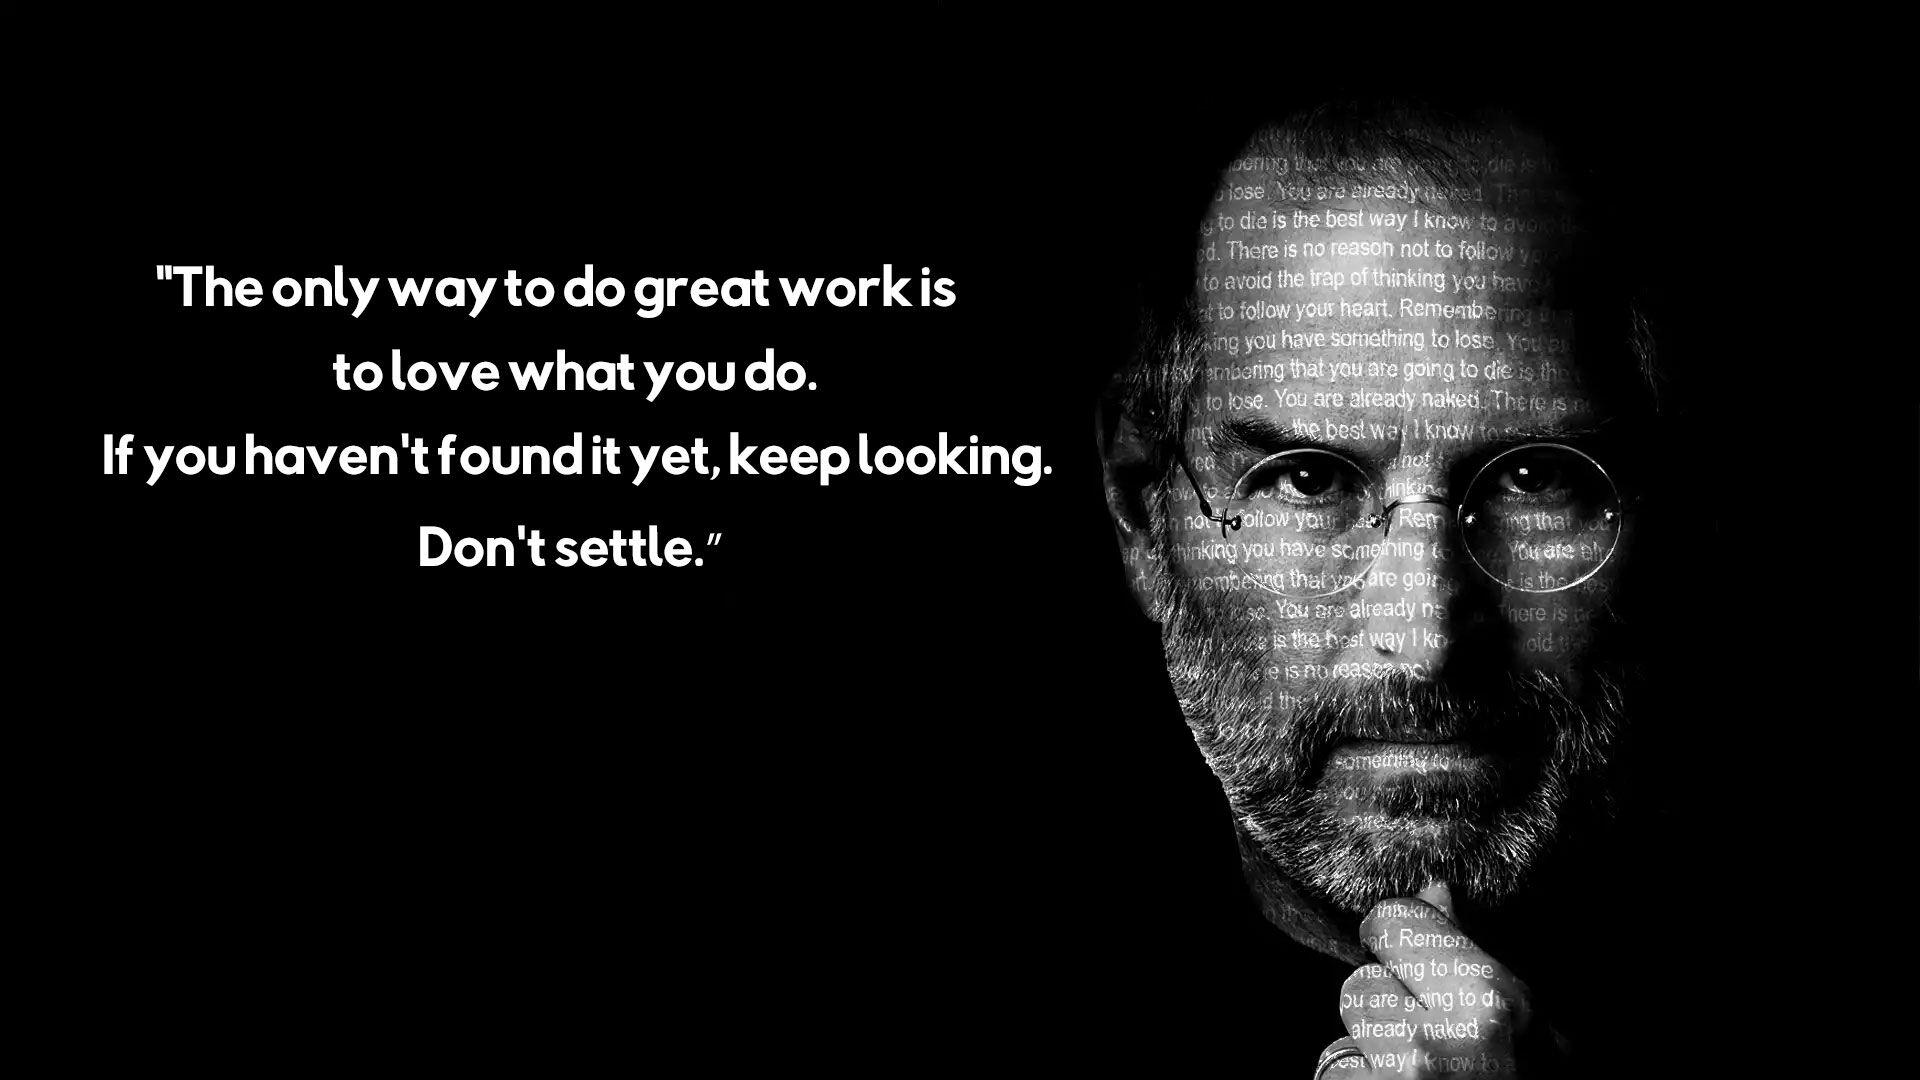 Satu Satunya Cara Untuk Melakukan Pekerjaan Yang Besar Adalah Mencintai Apa Yang Kamu Lakukan